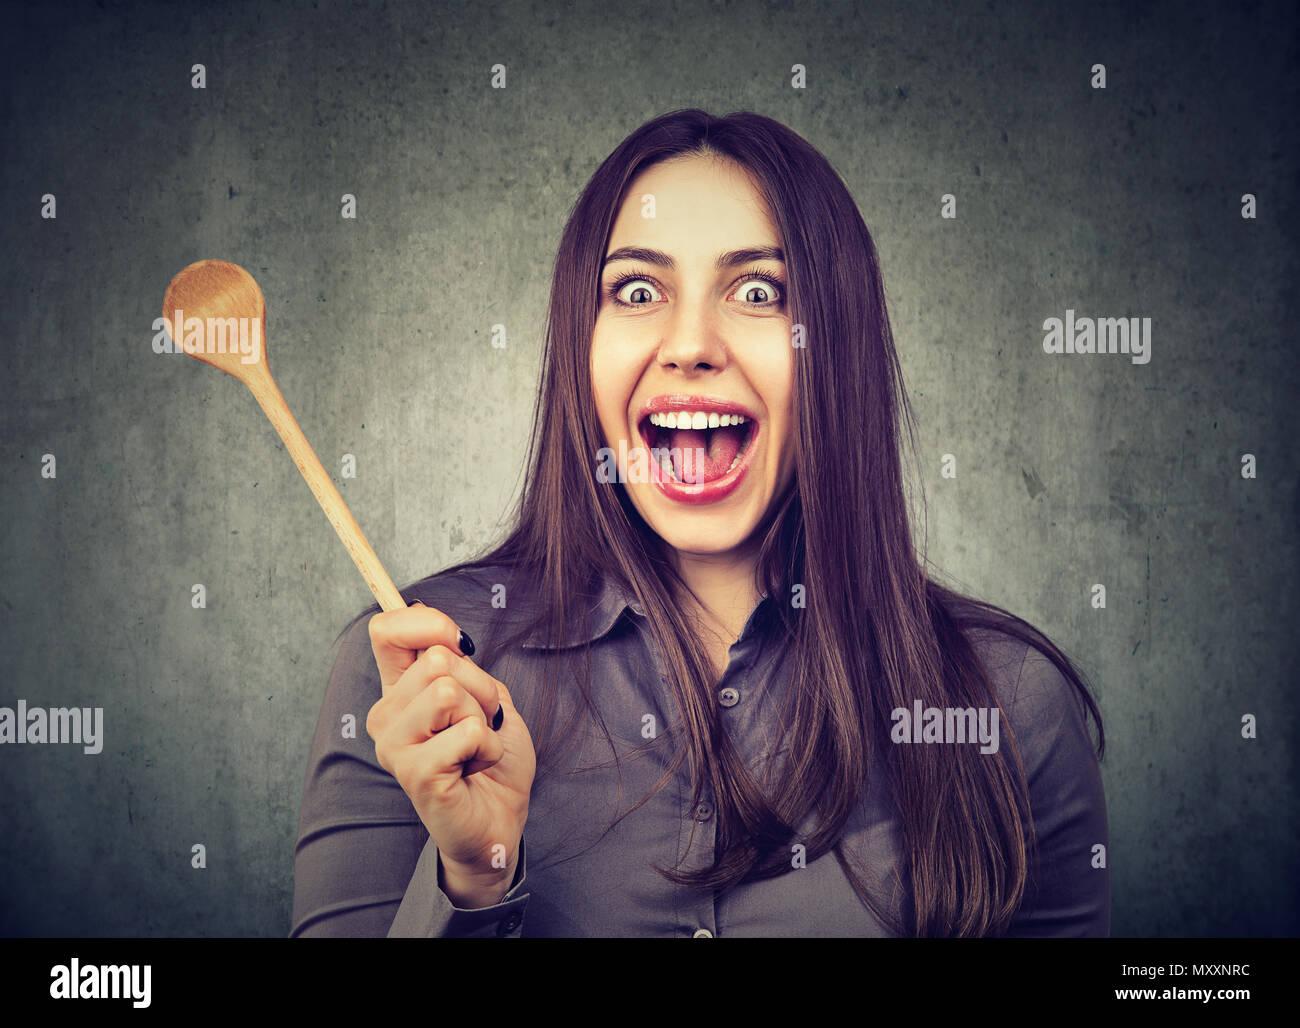 Jeune femme à la caméra à fou avec expression drole de maladie de la femme au foyer et holding cuillère en bois Photo Stock